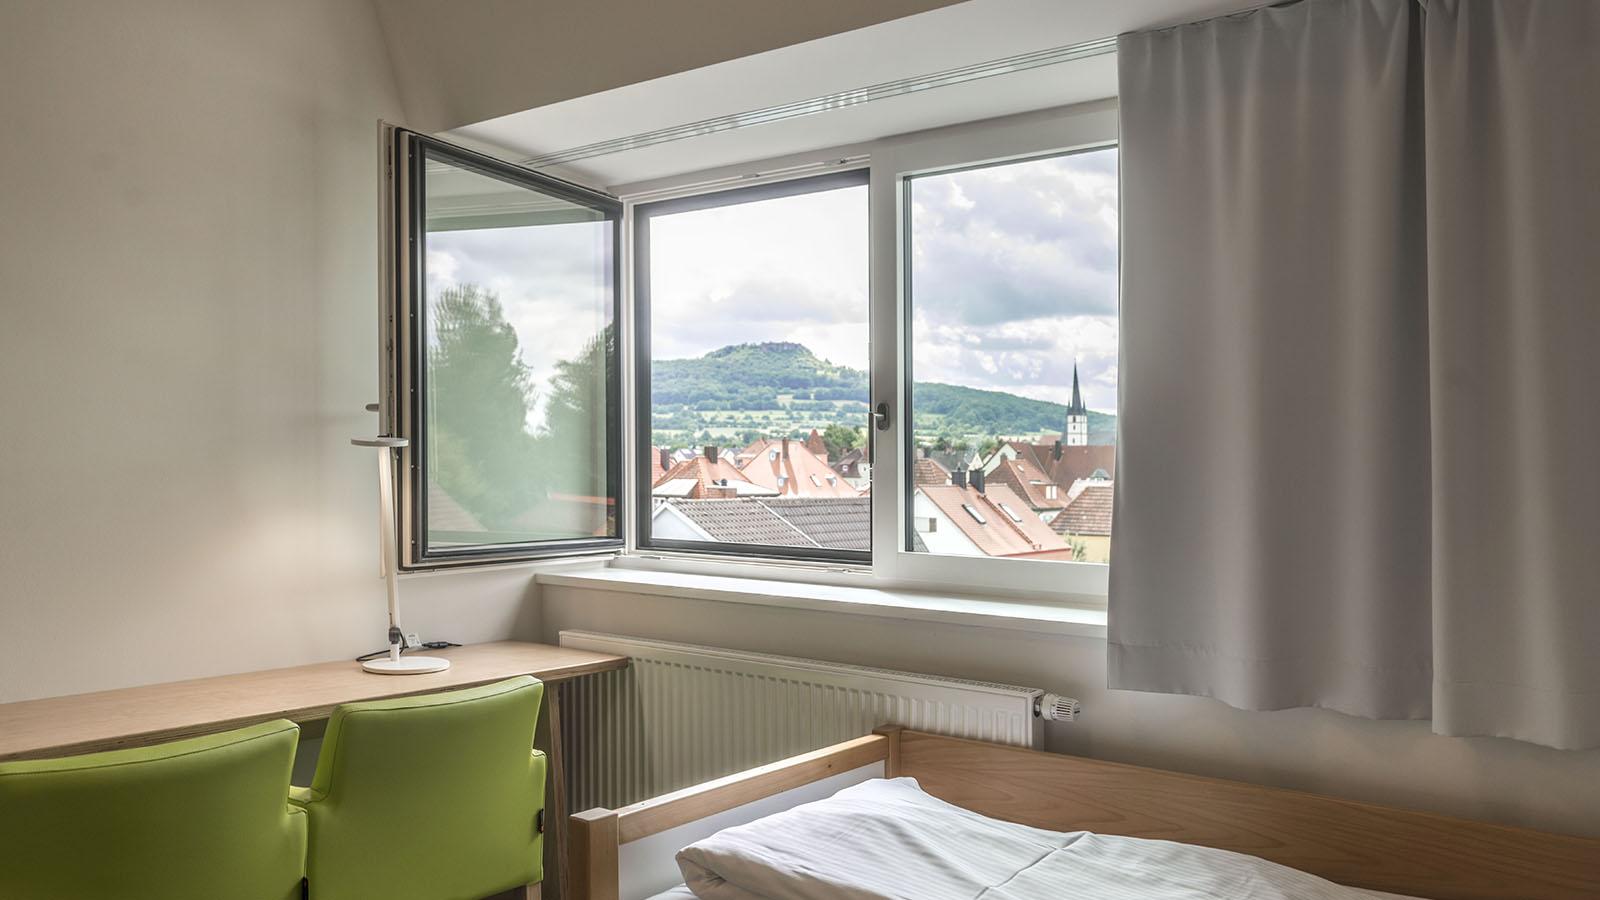 Berufsbildungszentrum BIZ, Bad Staffelstein, H2M Architekten, Kulmbach